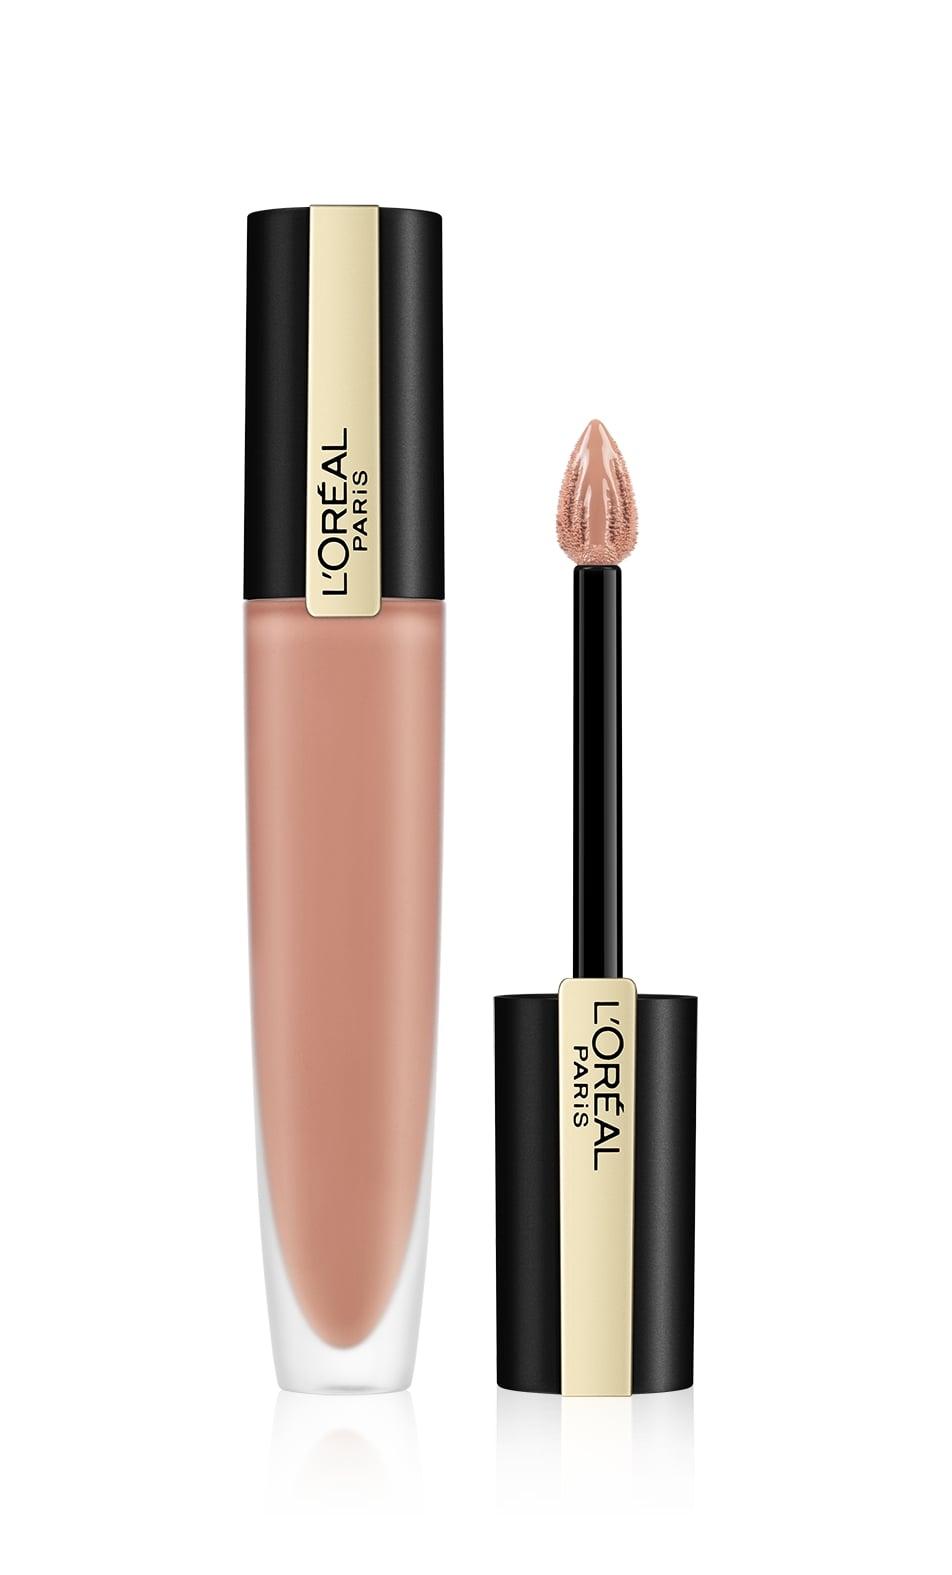 L'Oréal - Rouge Signature Lipstick - 110 I Empower